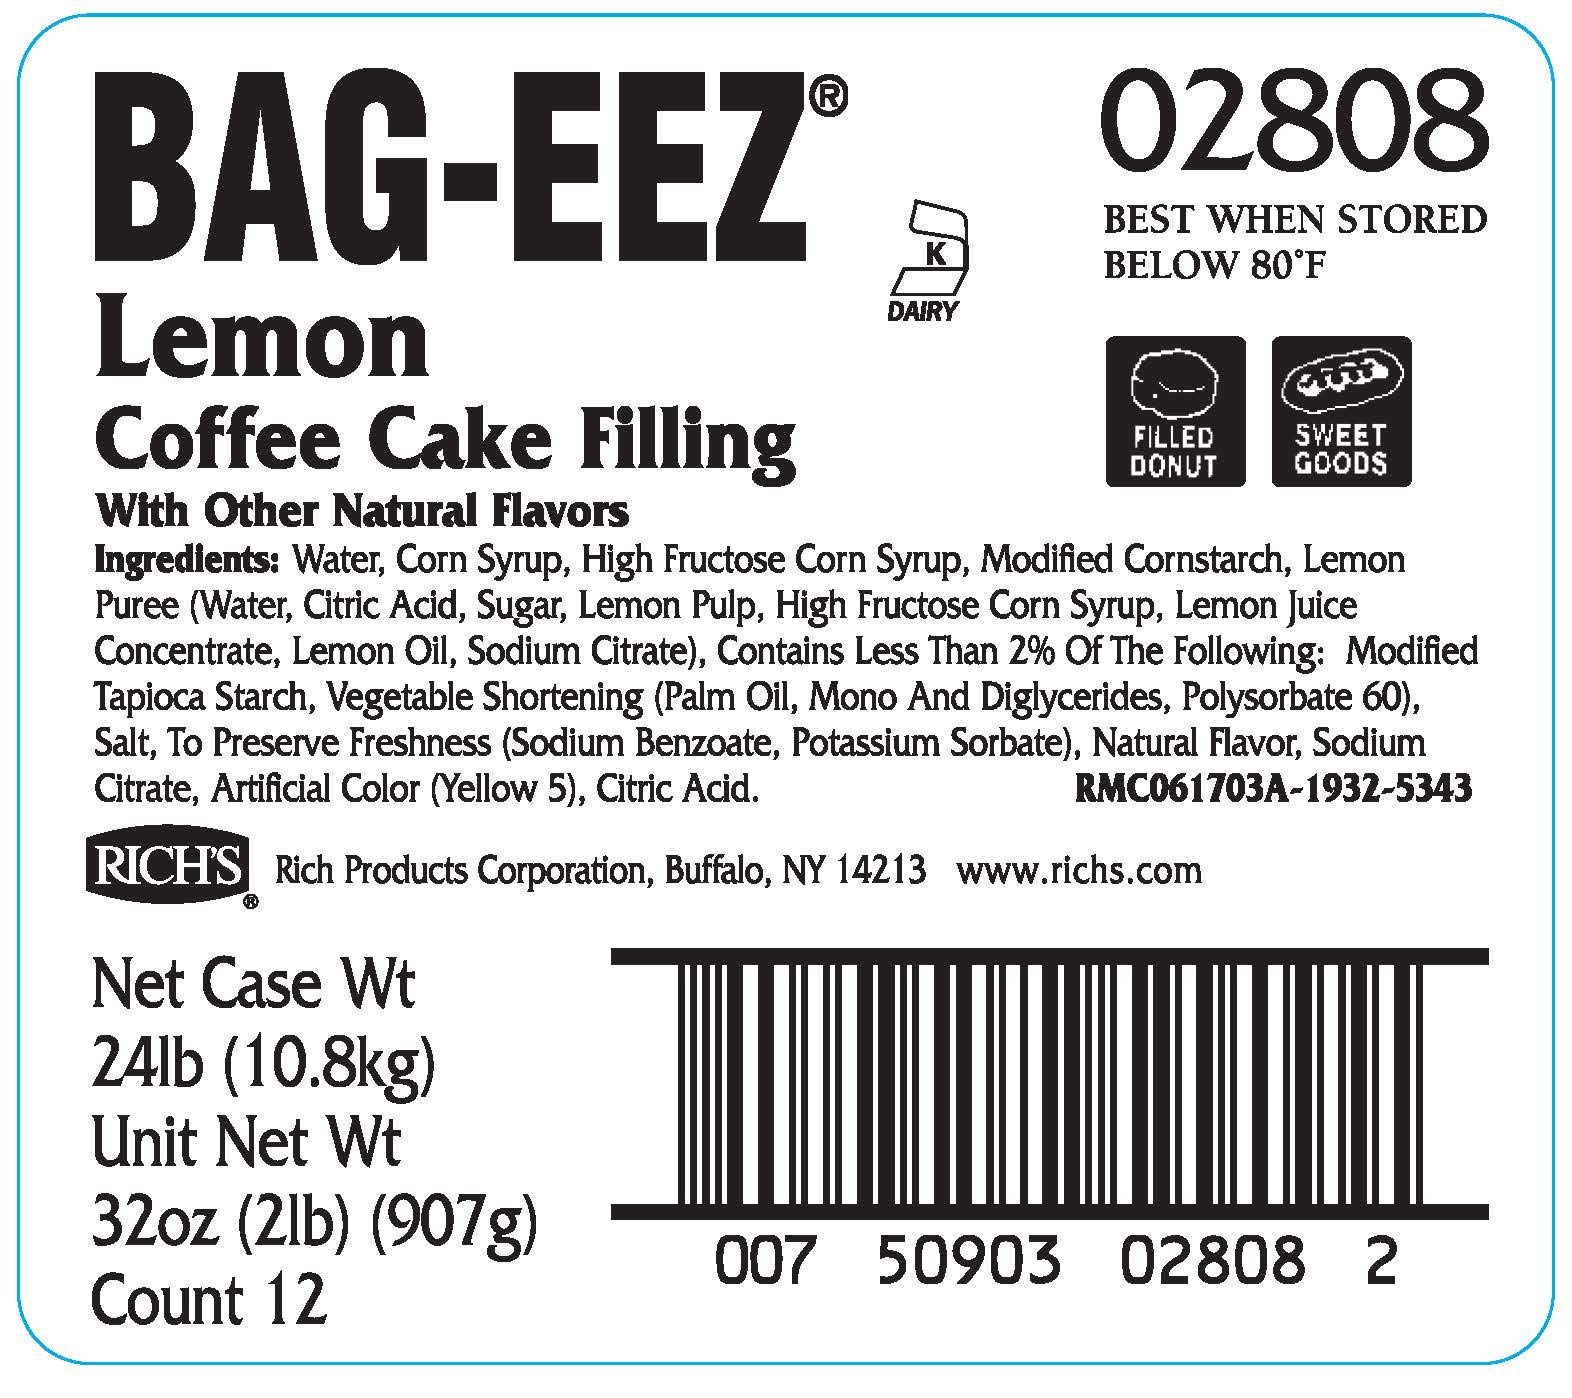 Rich's JW Allen Lemon Coffee Cake Filling Bag-Eez, 12 Pack, 2 lb Bags by Rich's (Image #2)